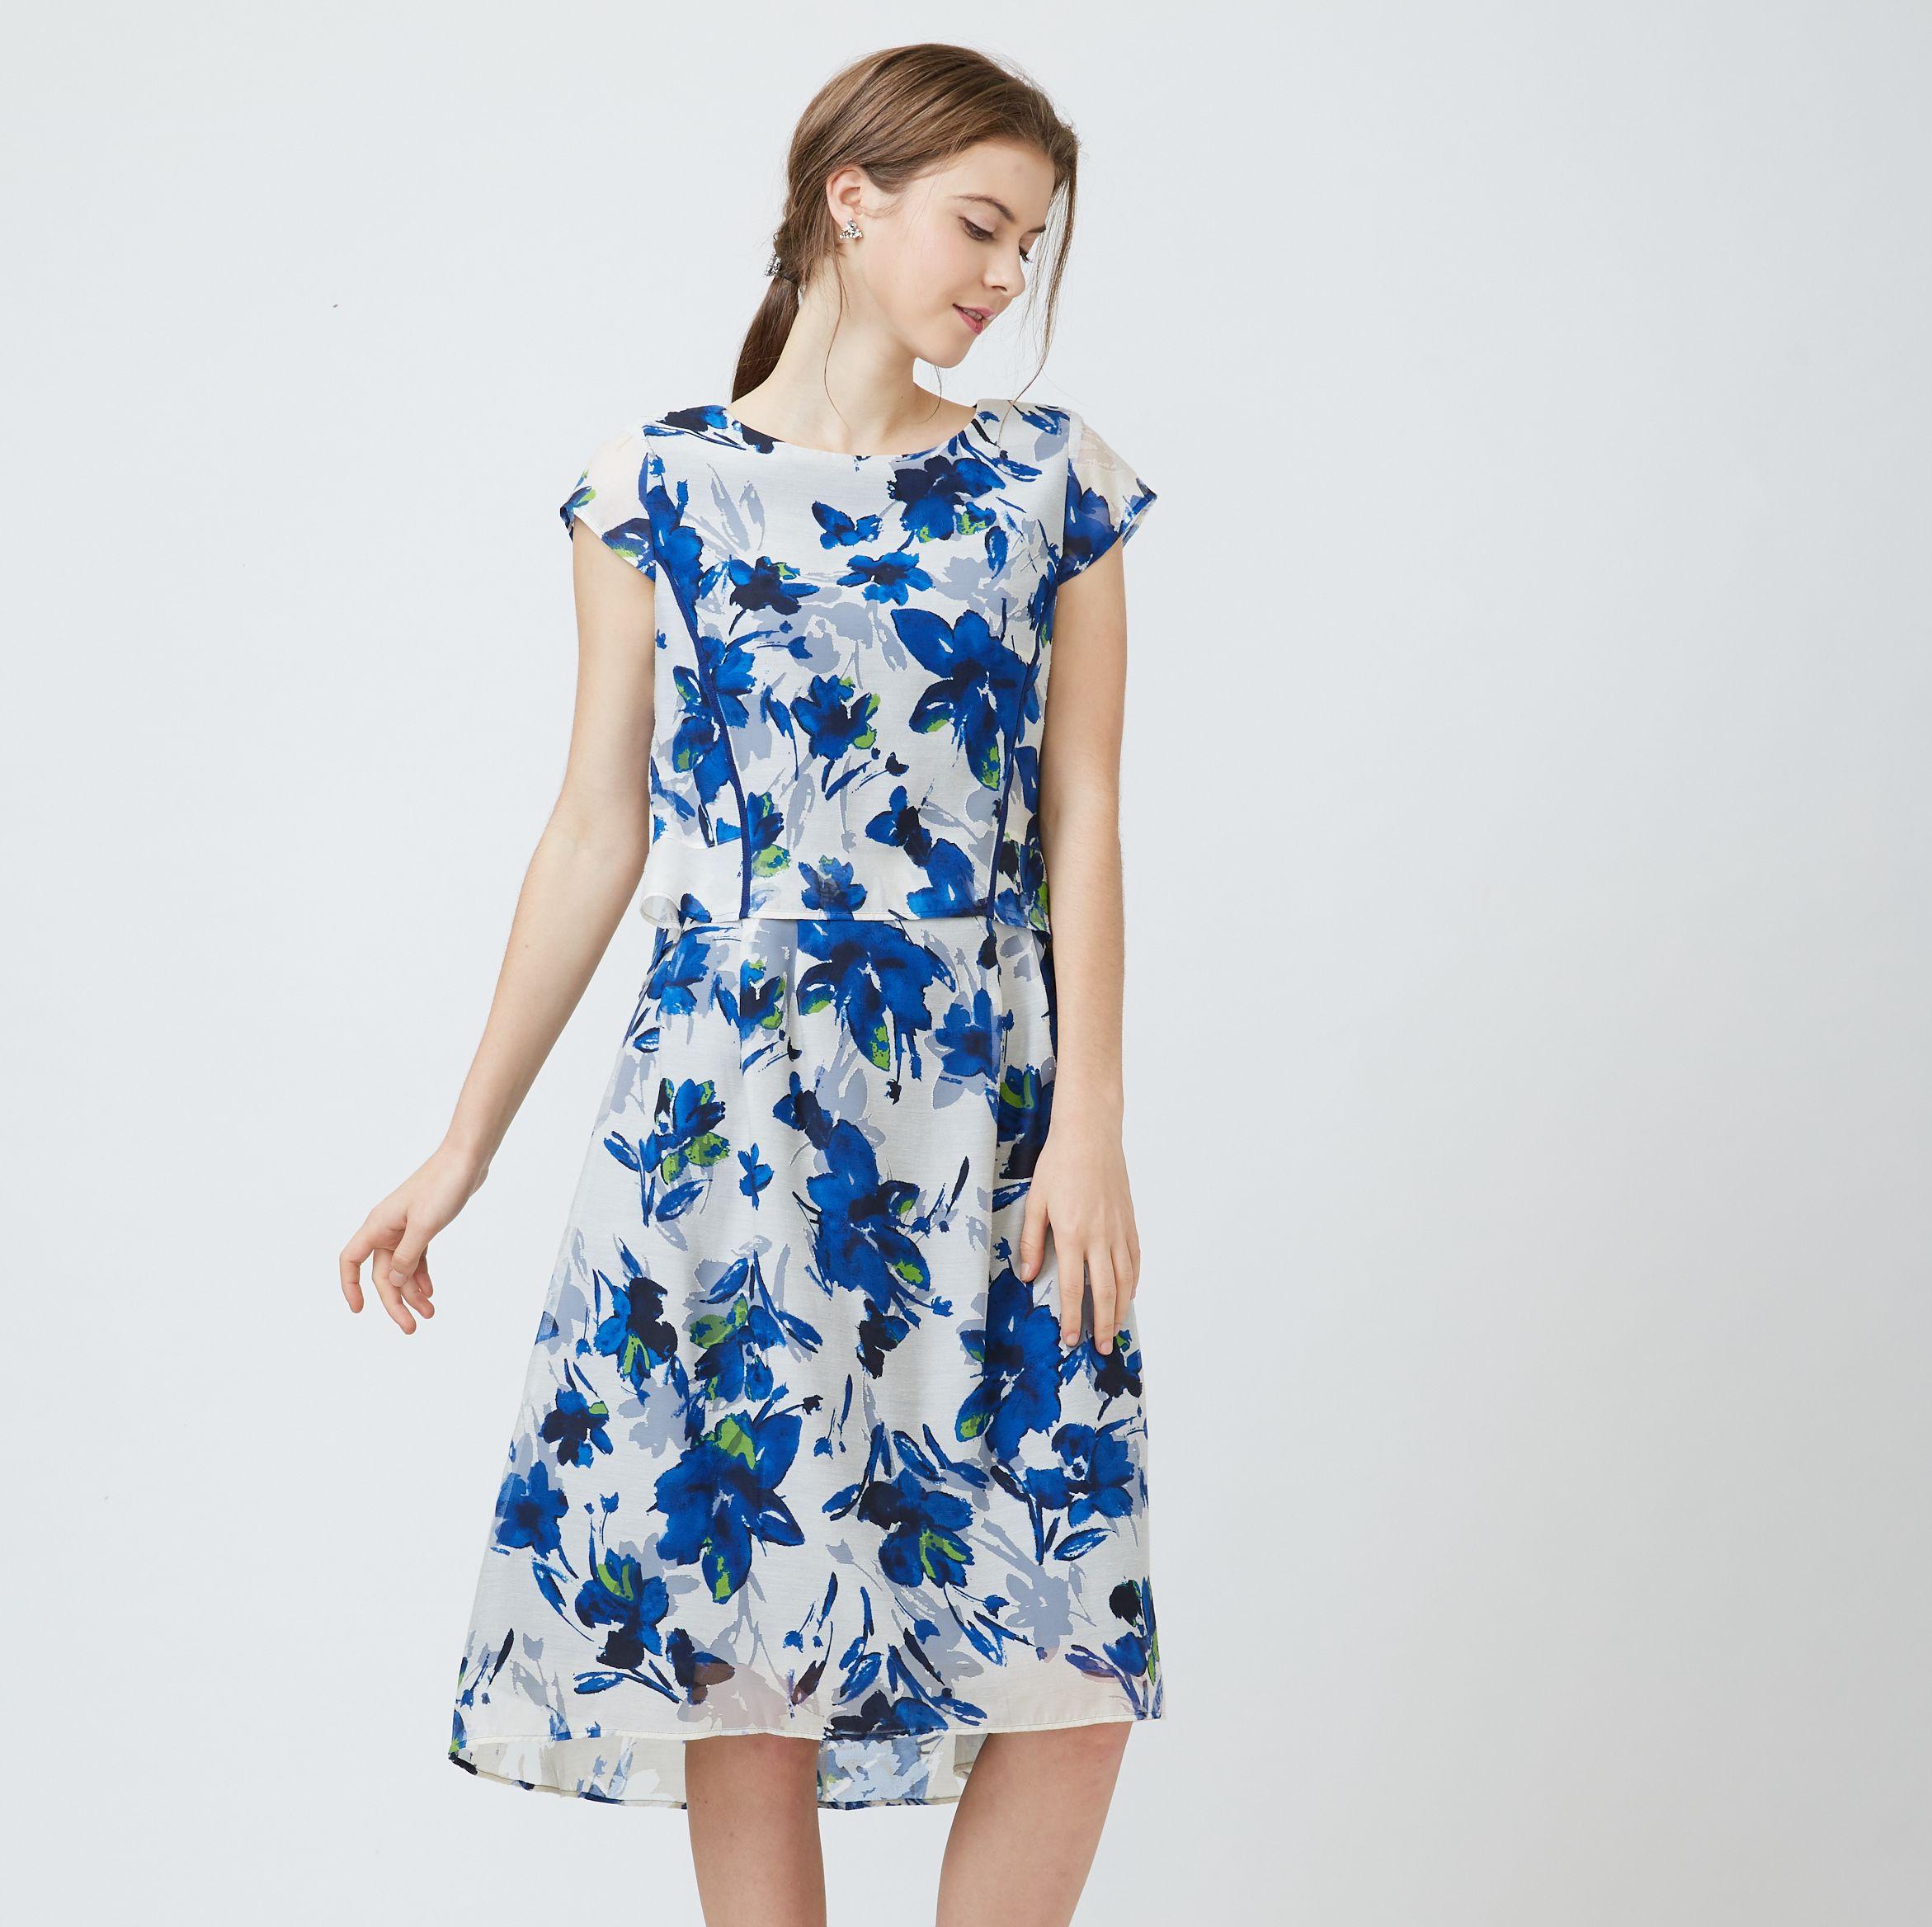 FrescOggi 優雅氣質水彩花卉圖案提花洋裝 (2色)